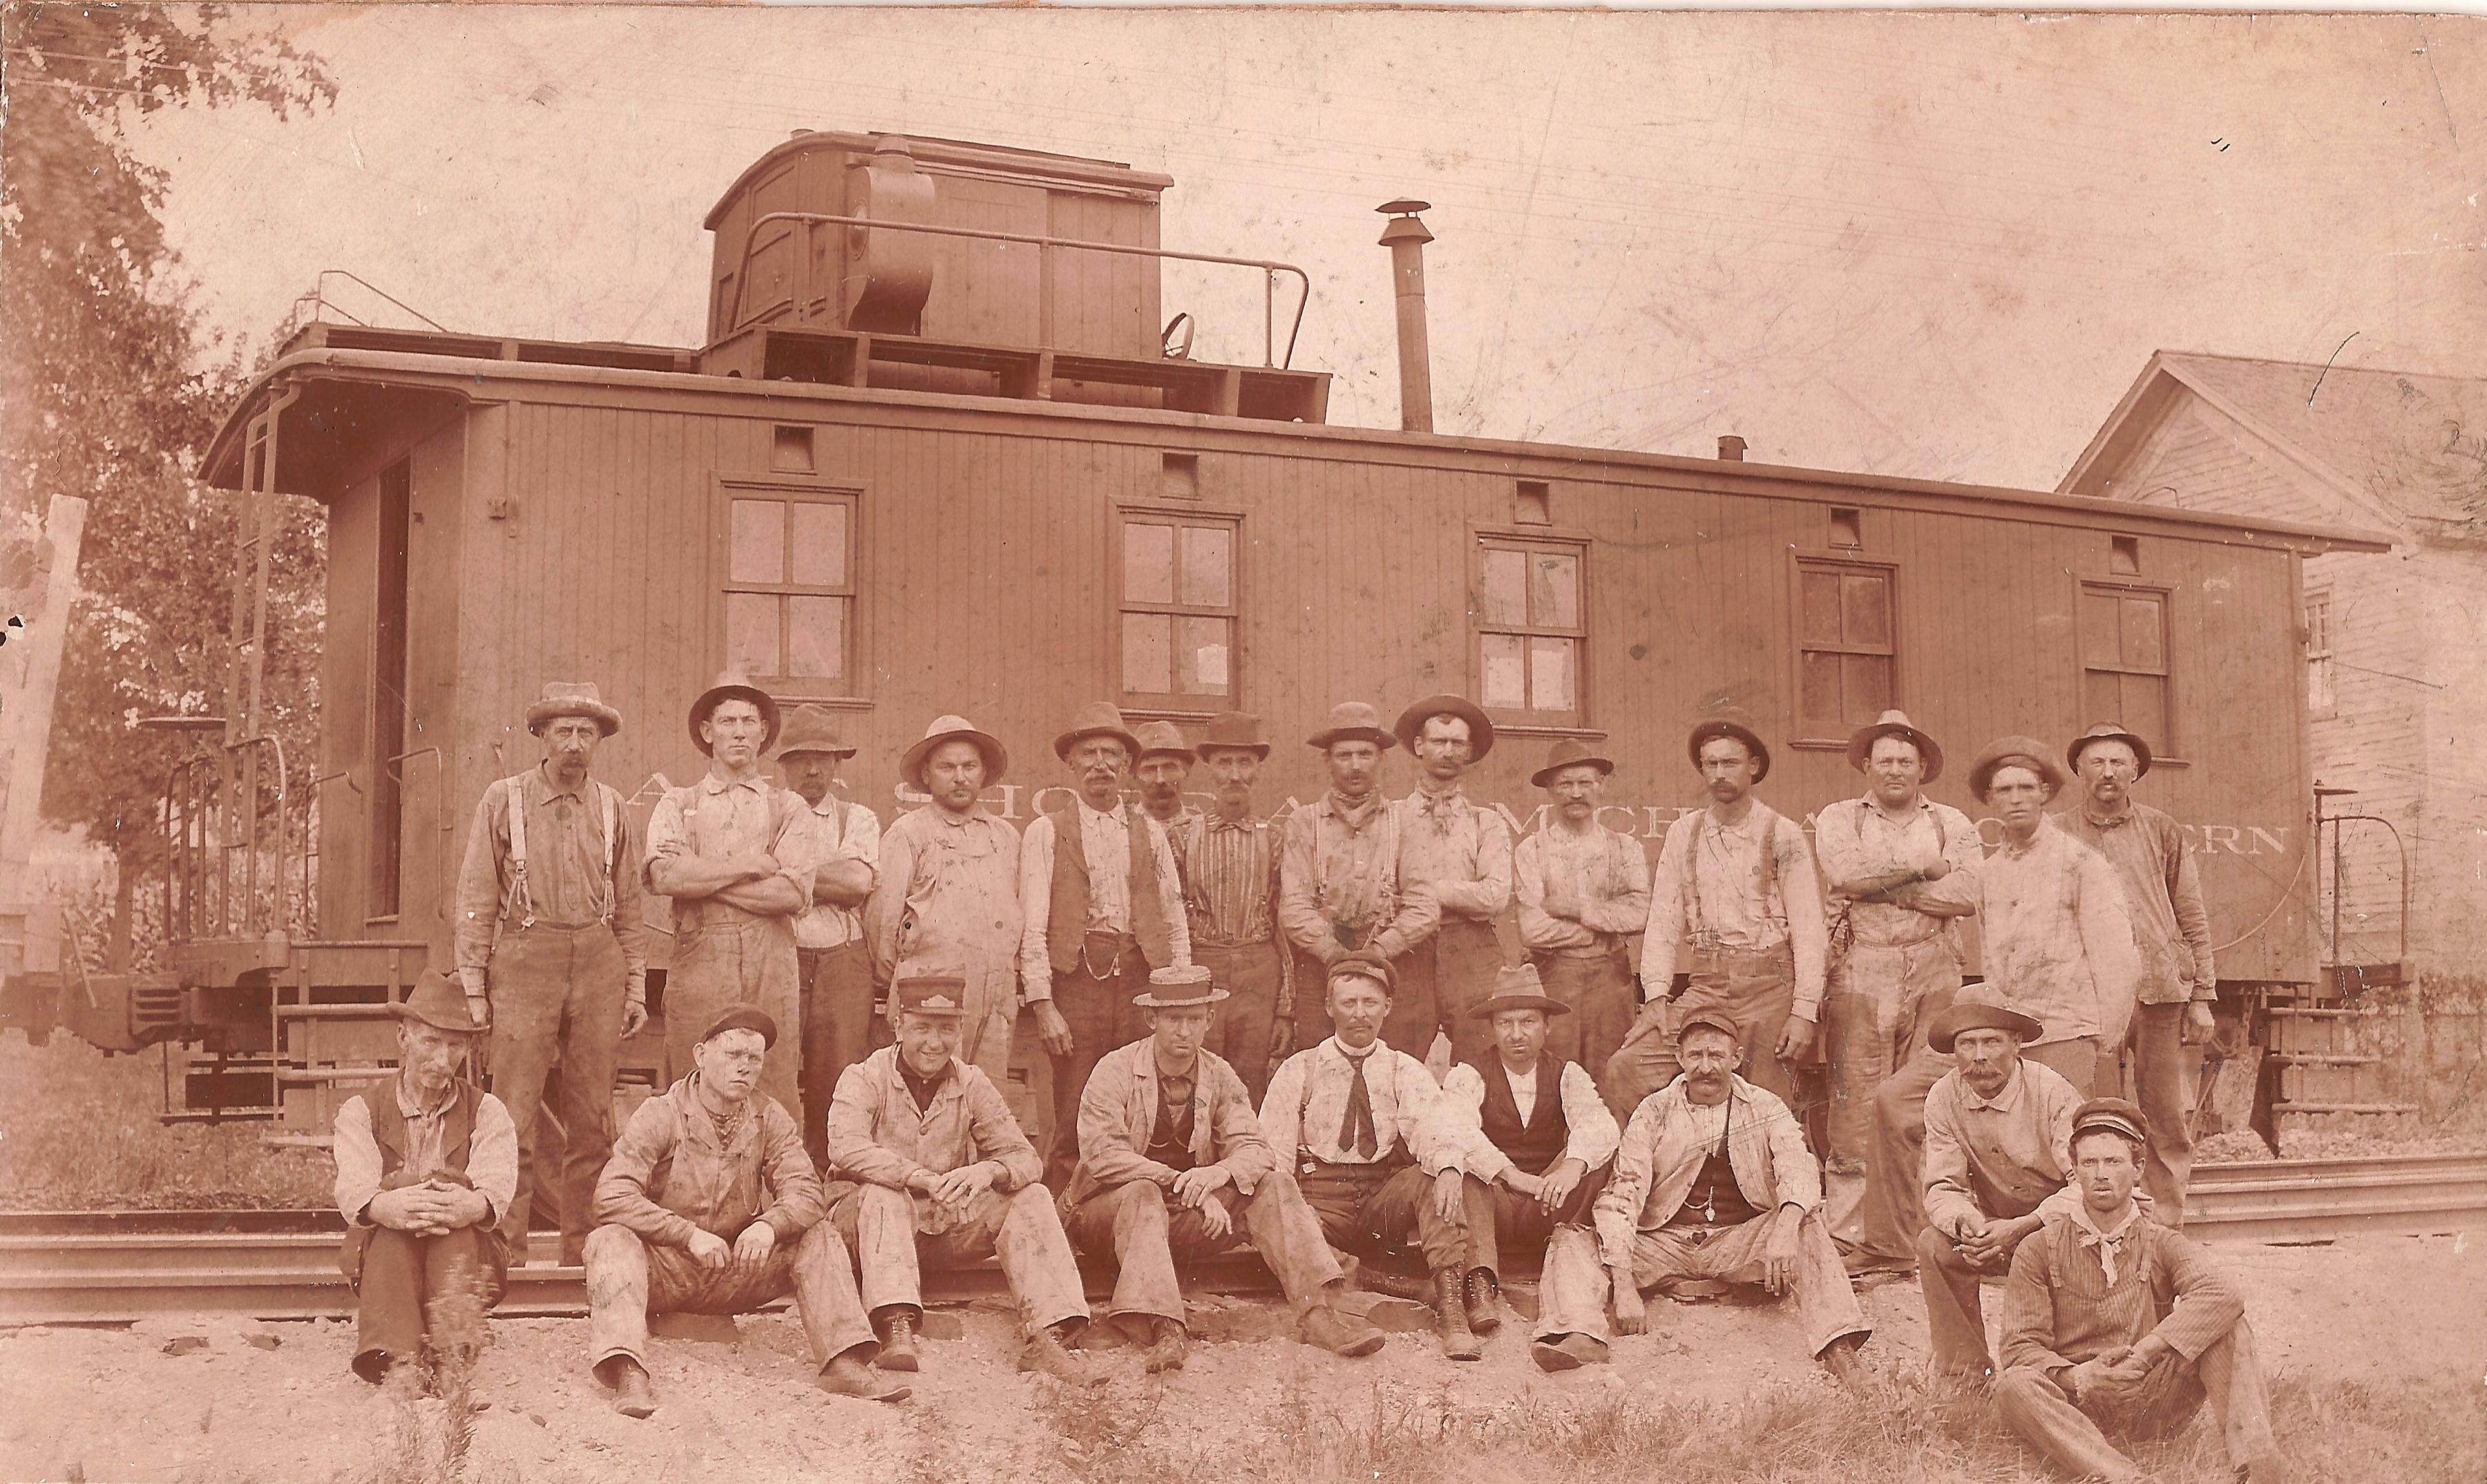 Hillsdale railway workers 1908